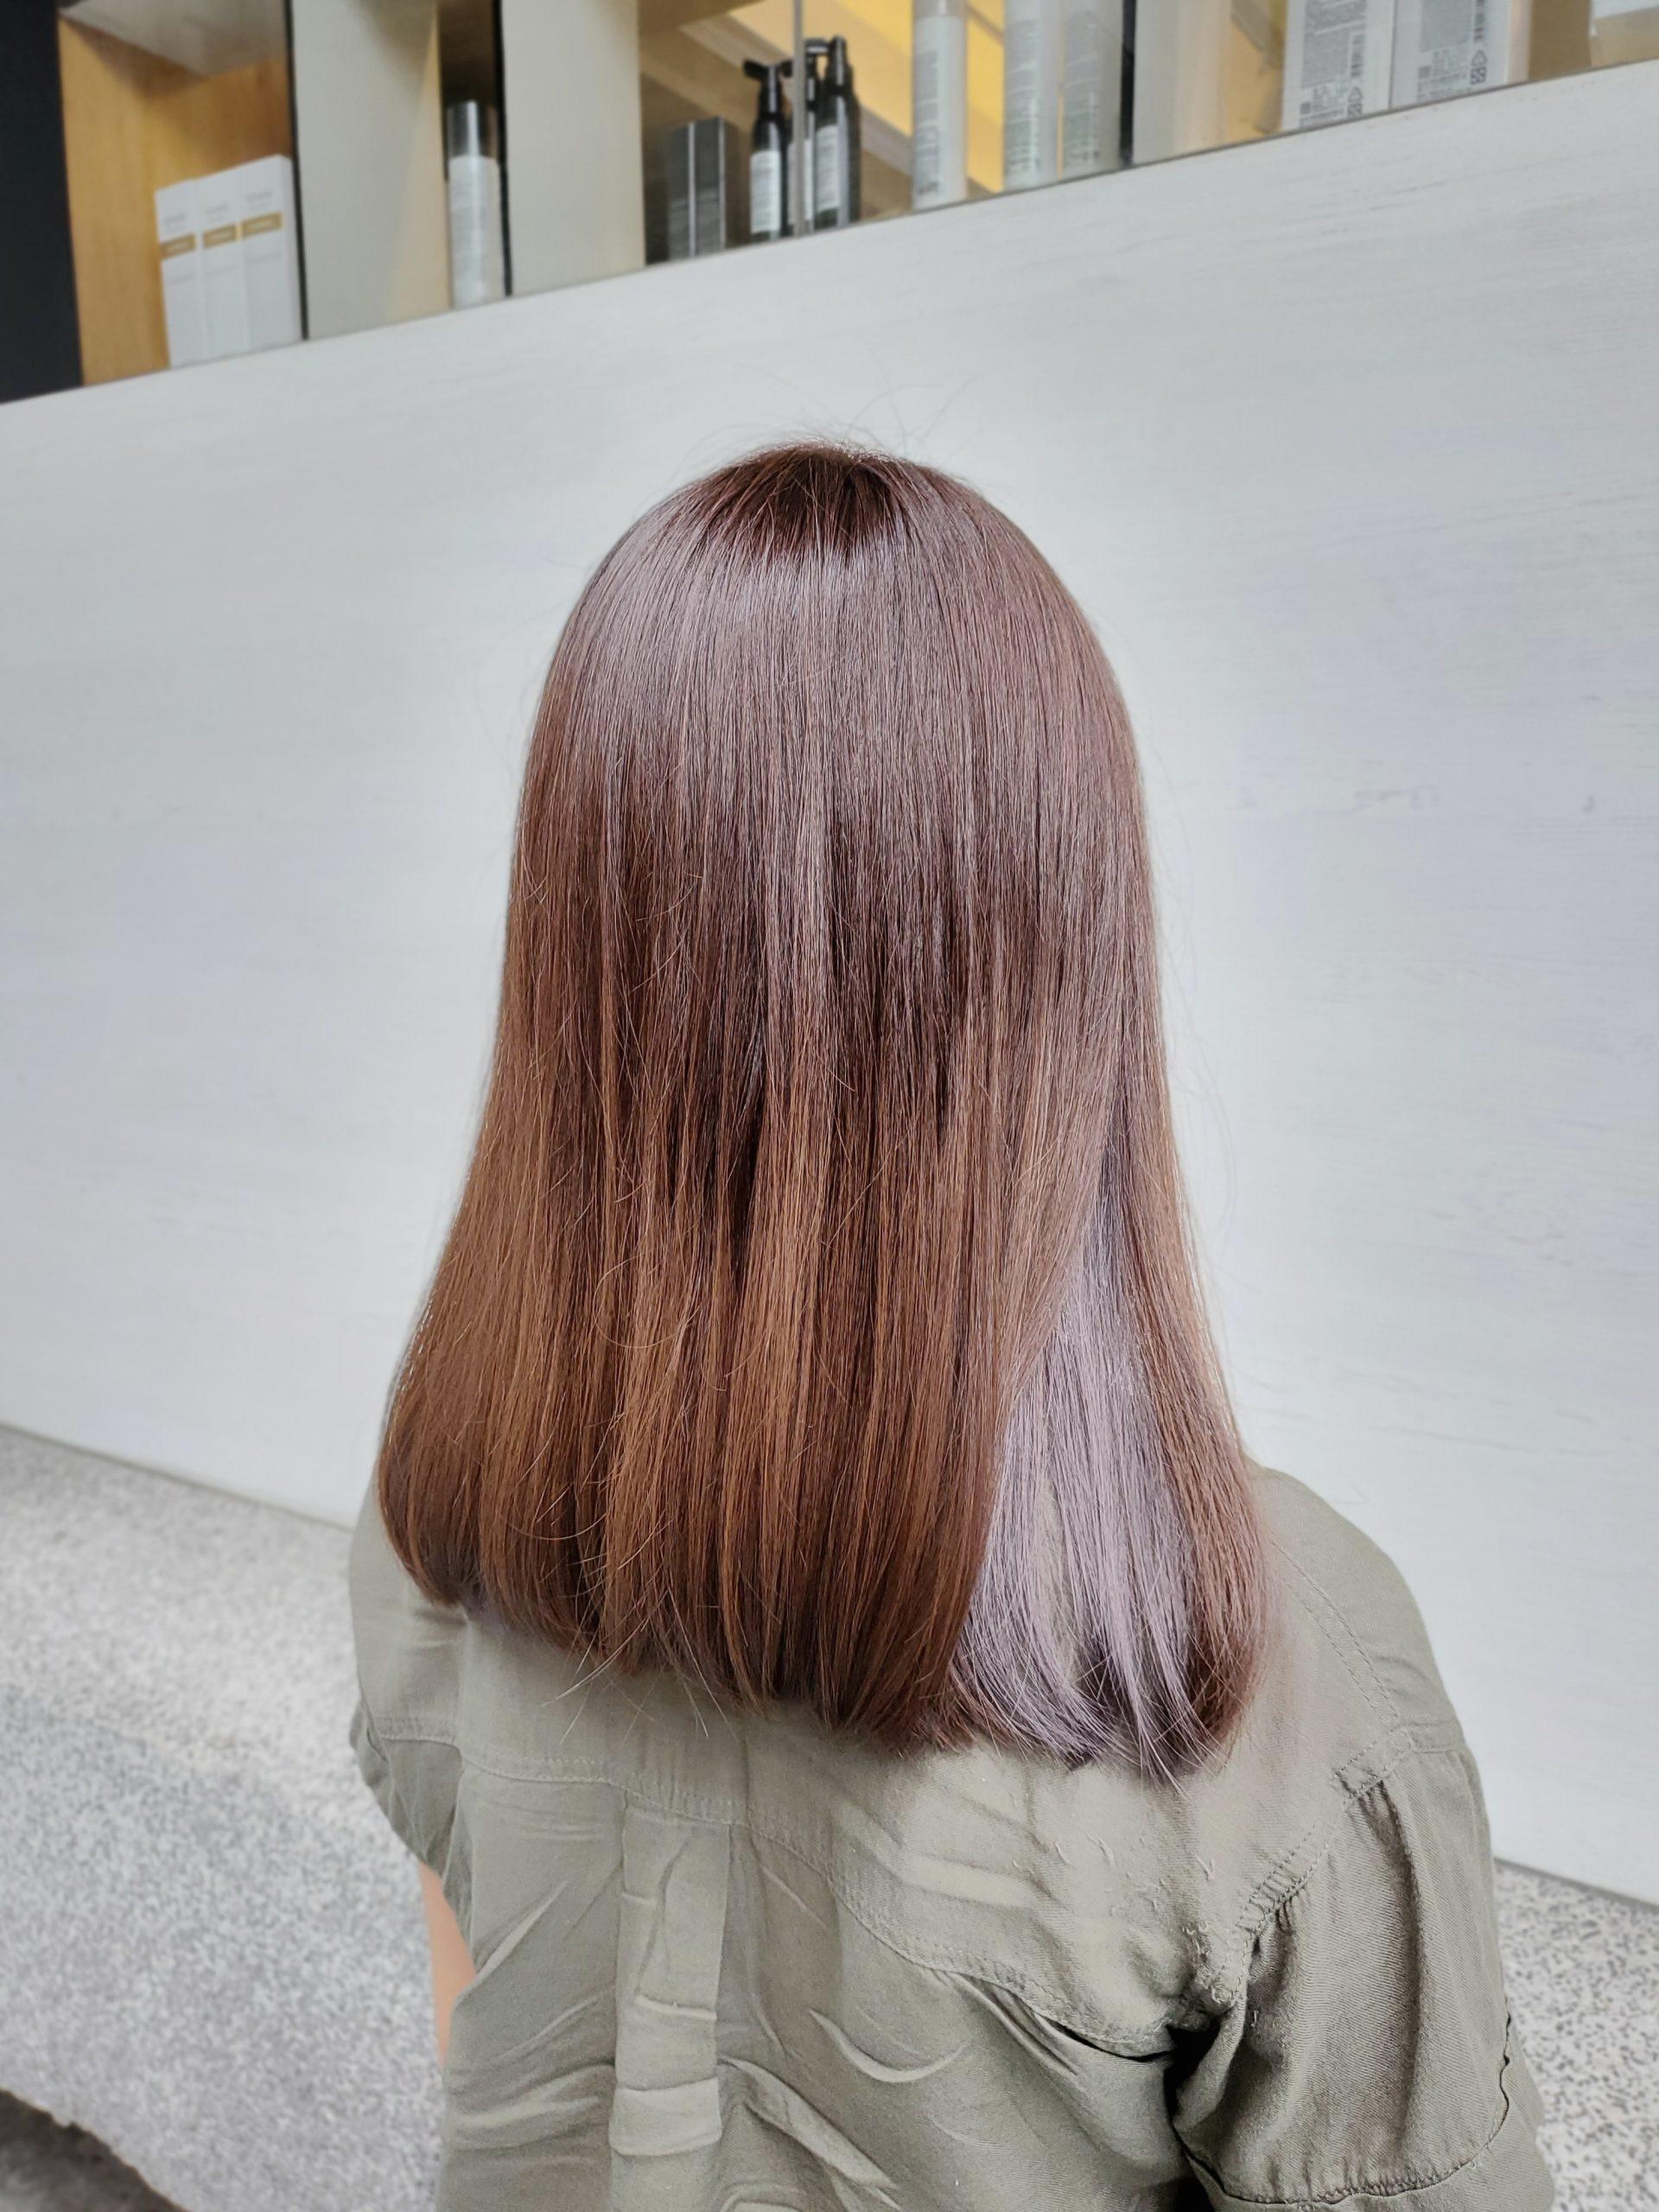 2021年「隱藏式挑染」流行髮色 染髮也能低調又時尚